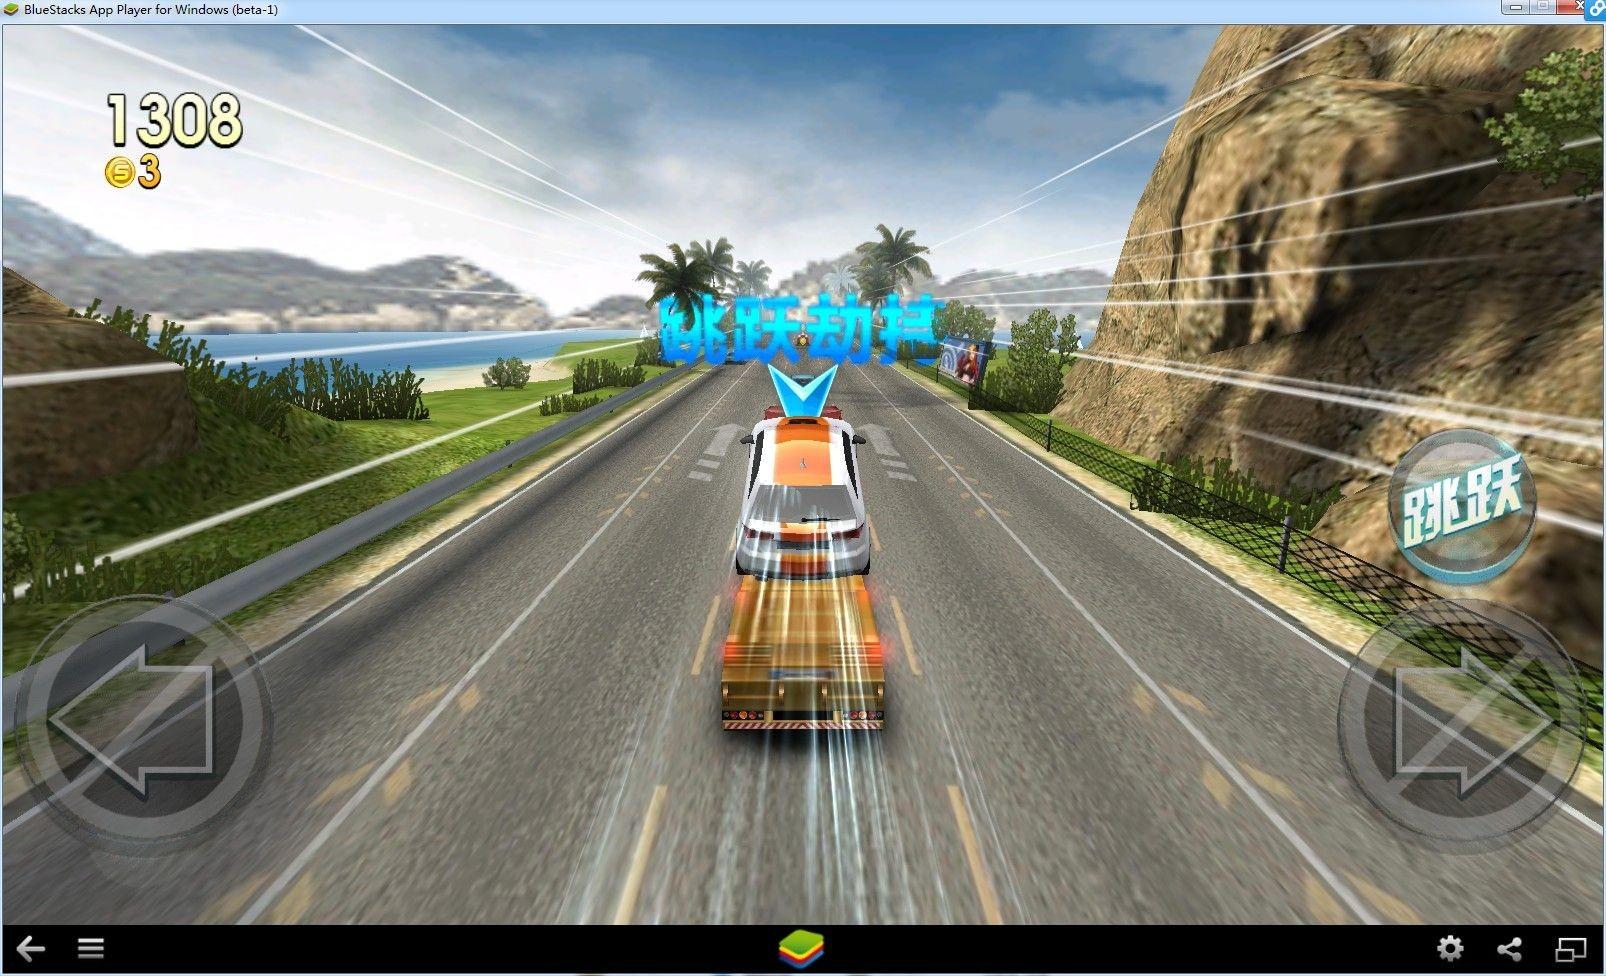 天天飞车电脑版V1.1.0.40121 官方版